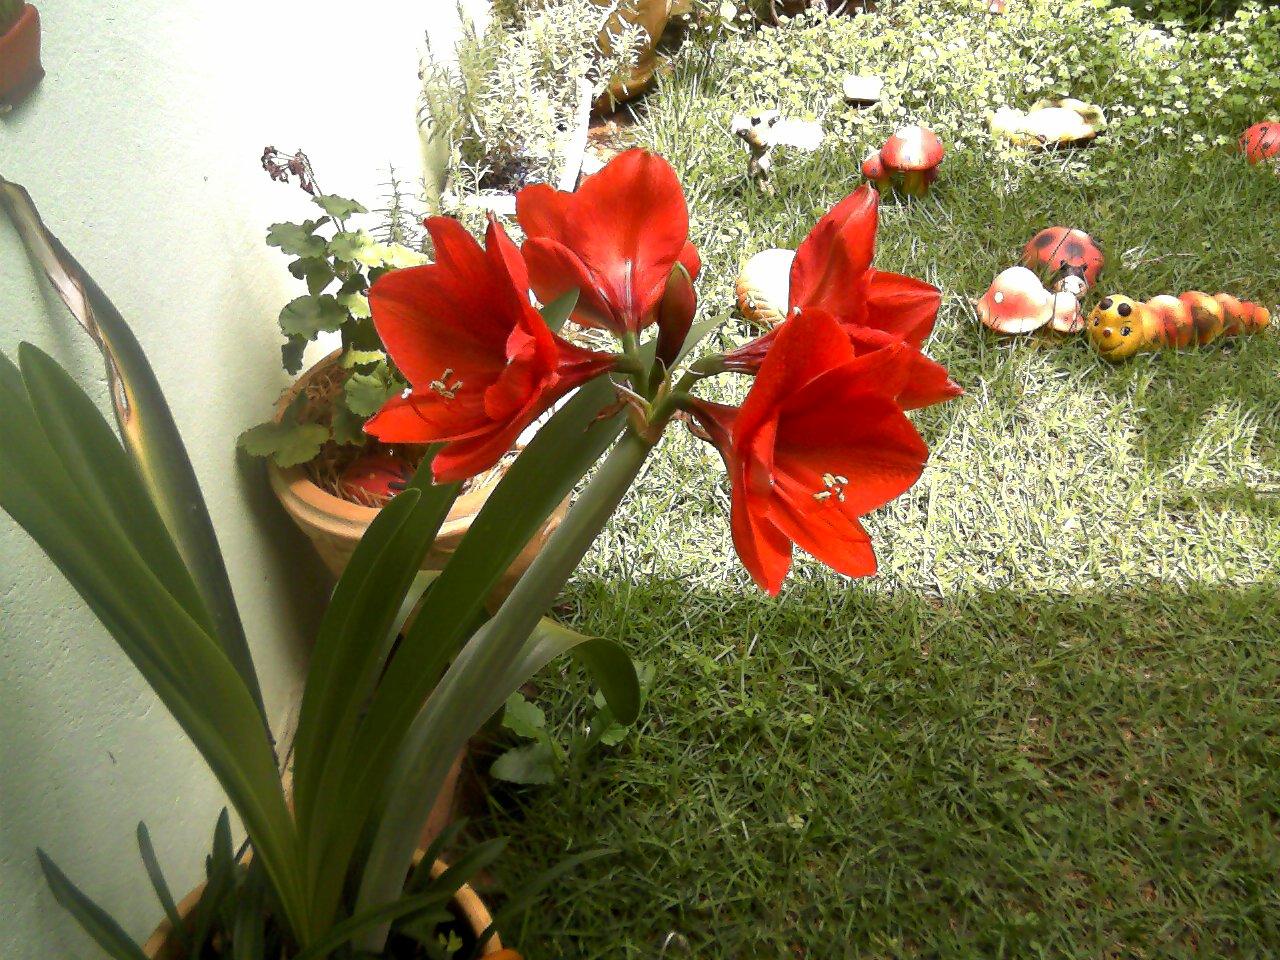 flores jardim primavera:Primavera chegou com alegrias e flores no meu jardim! Vejam que